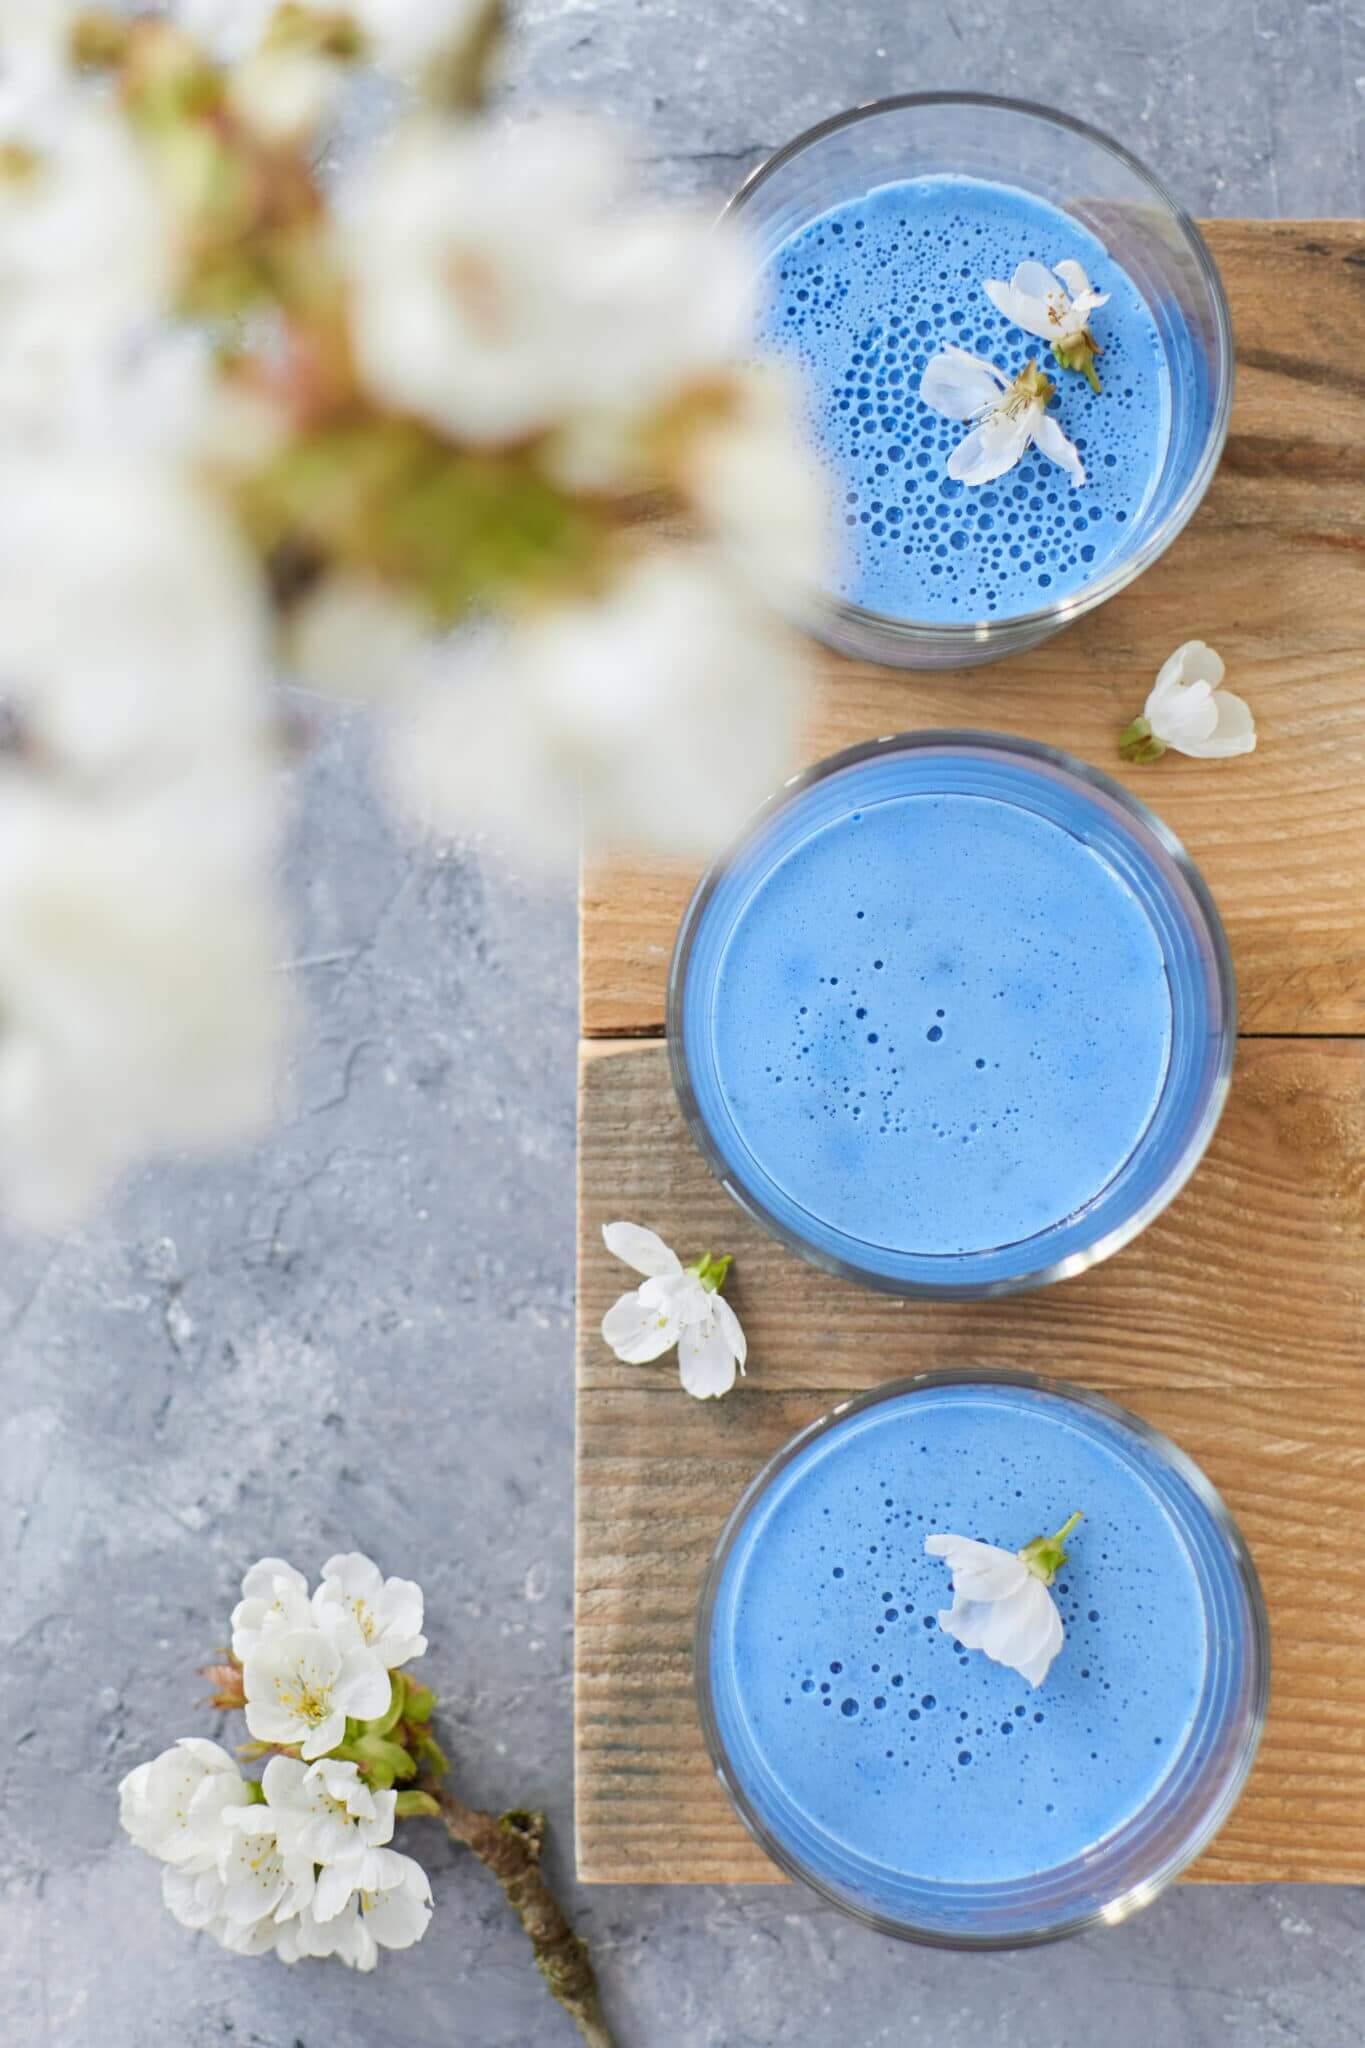 Panna cotta au blue matcha vue de dessus avec fleurs de cerisier blanches